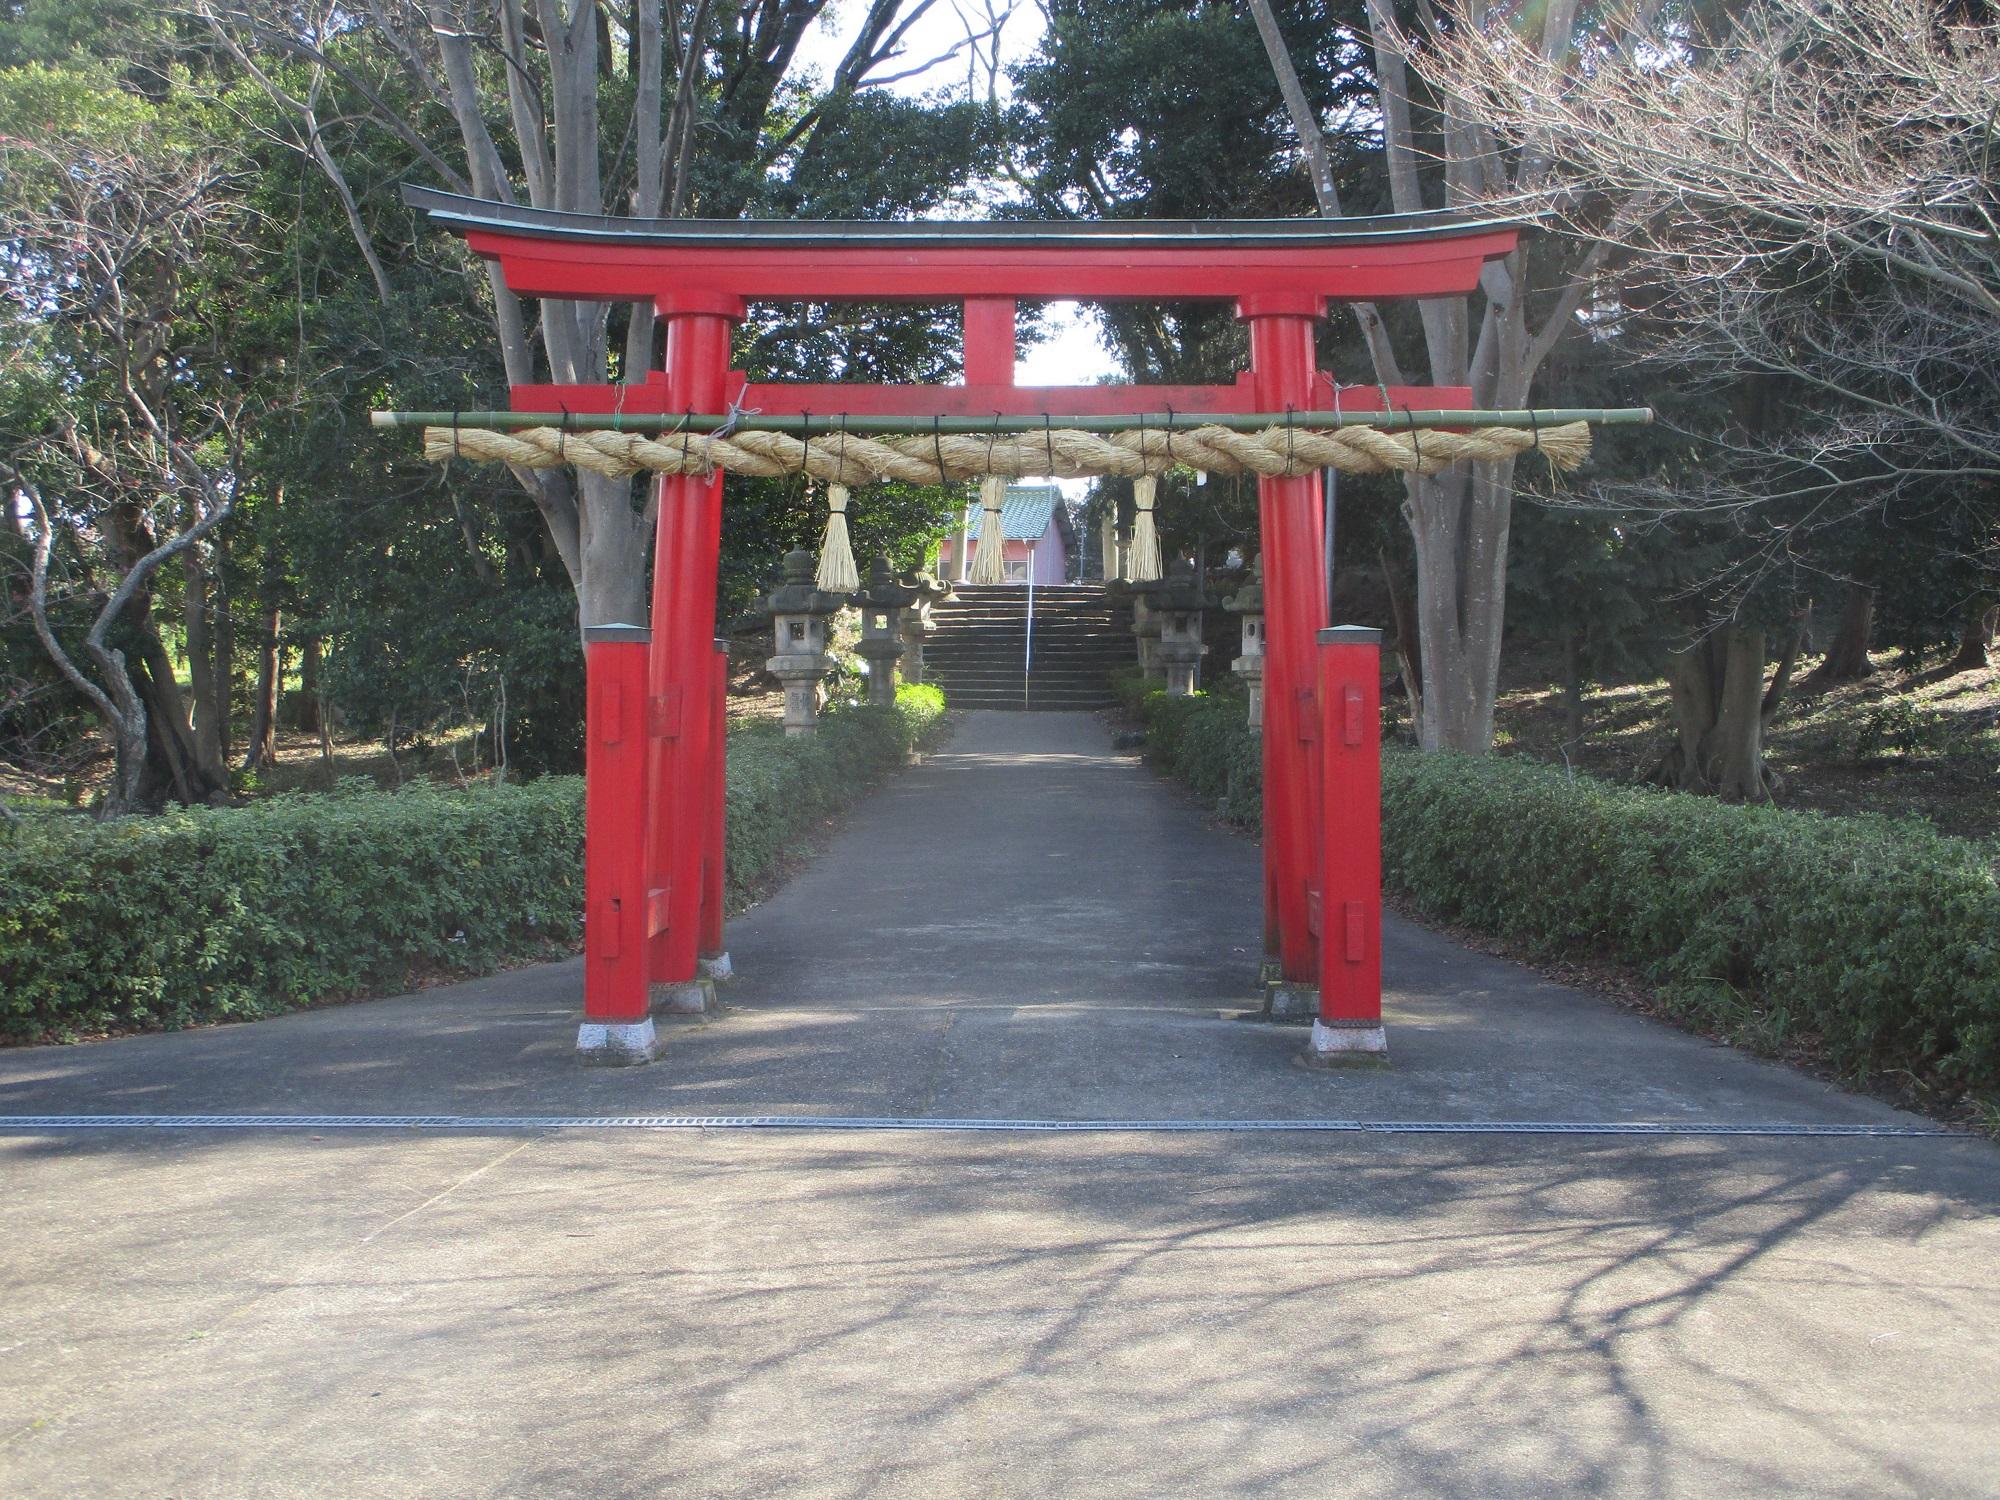 2020.3.7 (23) 白鳥神社 - あっかいとりい 2000-1500